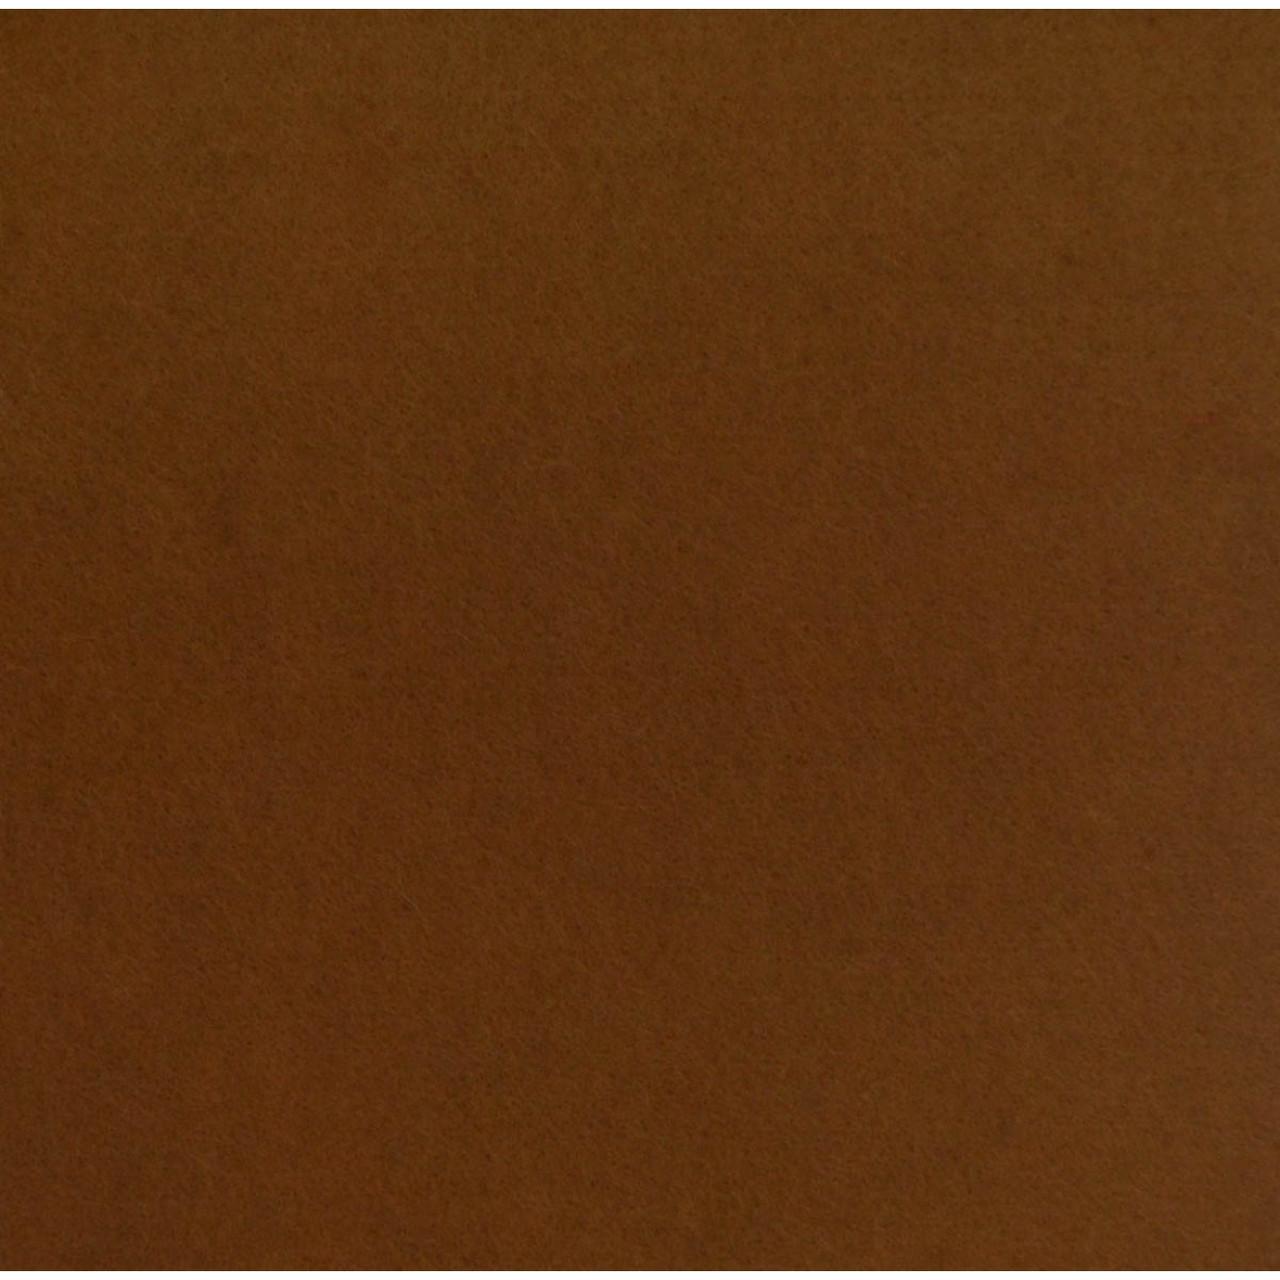 Набір фетр  м'який  коричневий , 21*30см (10 л.) Santi